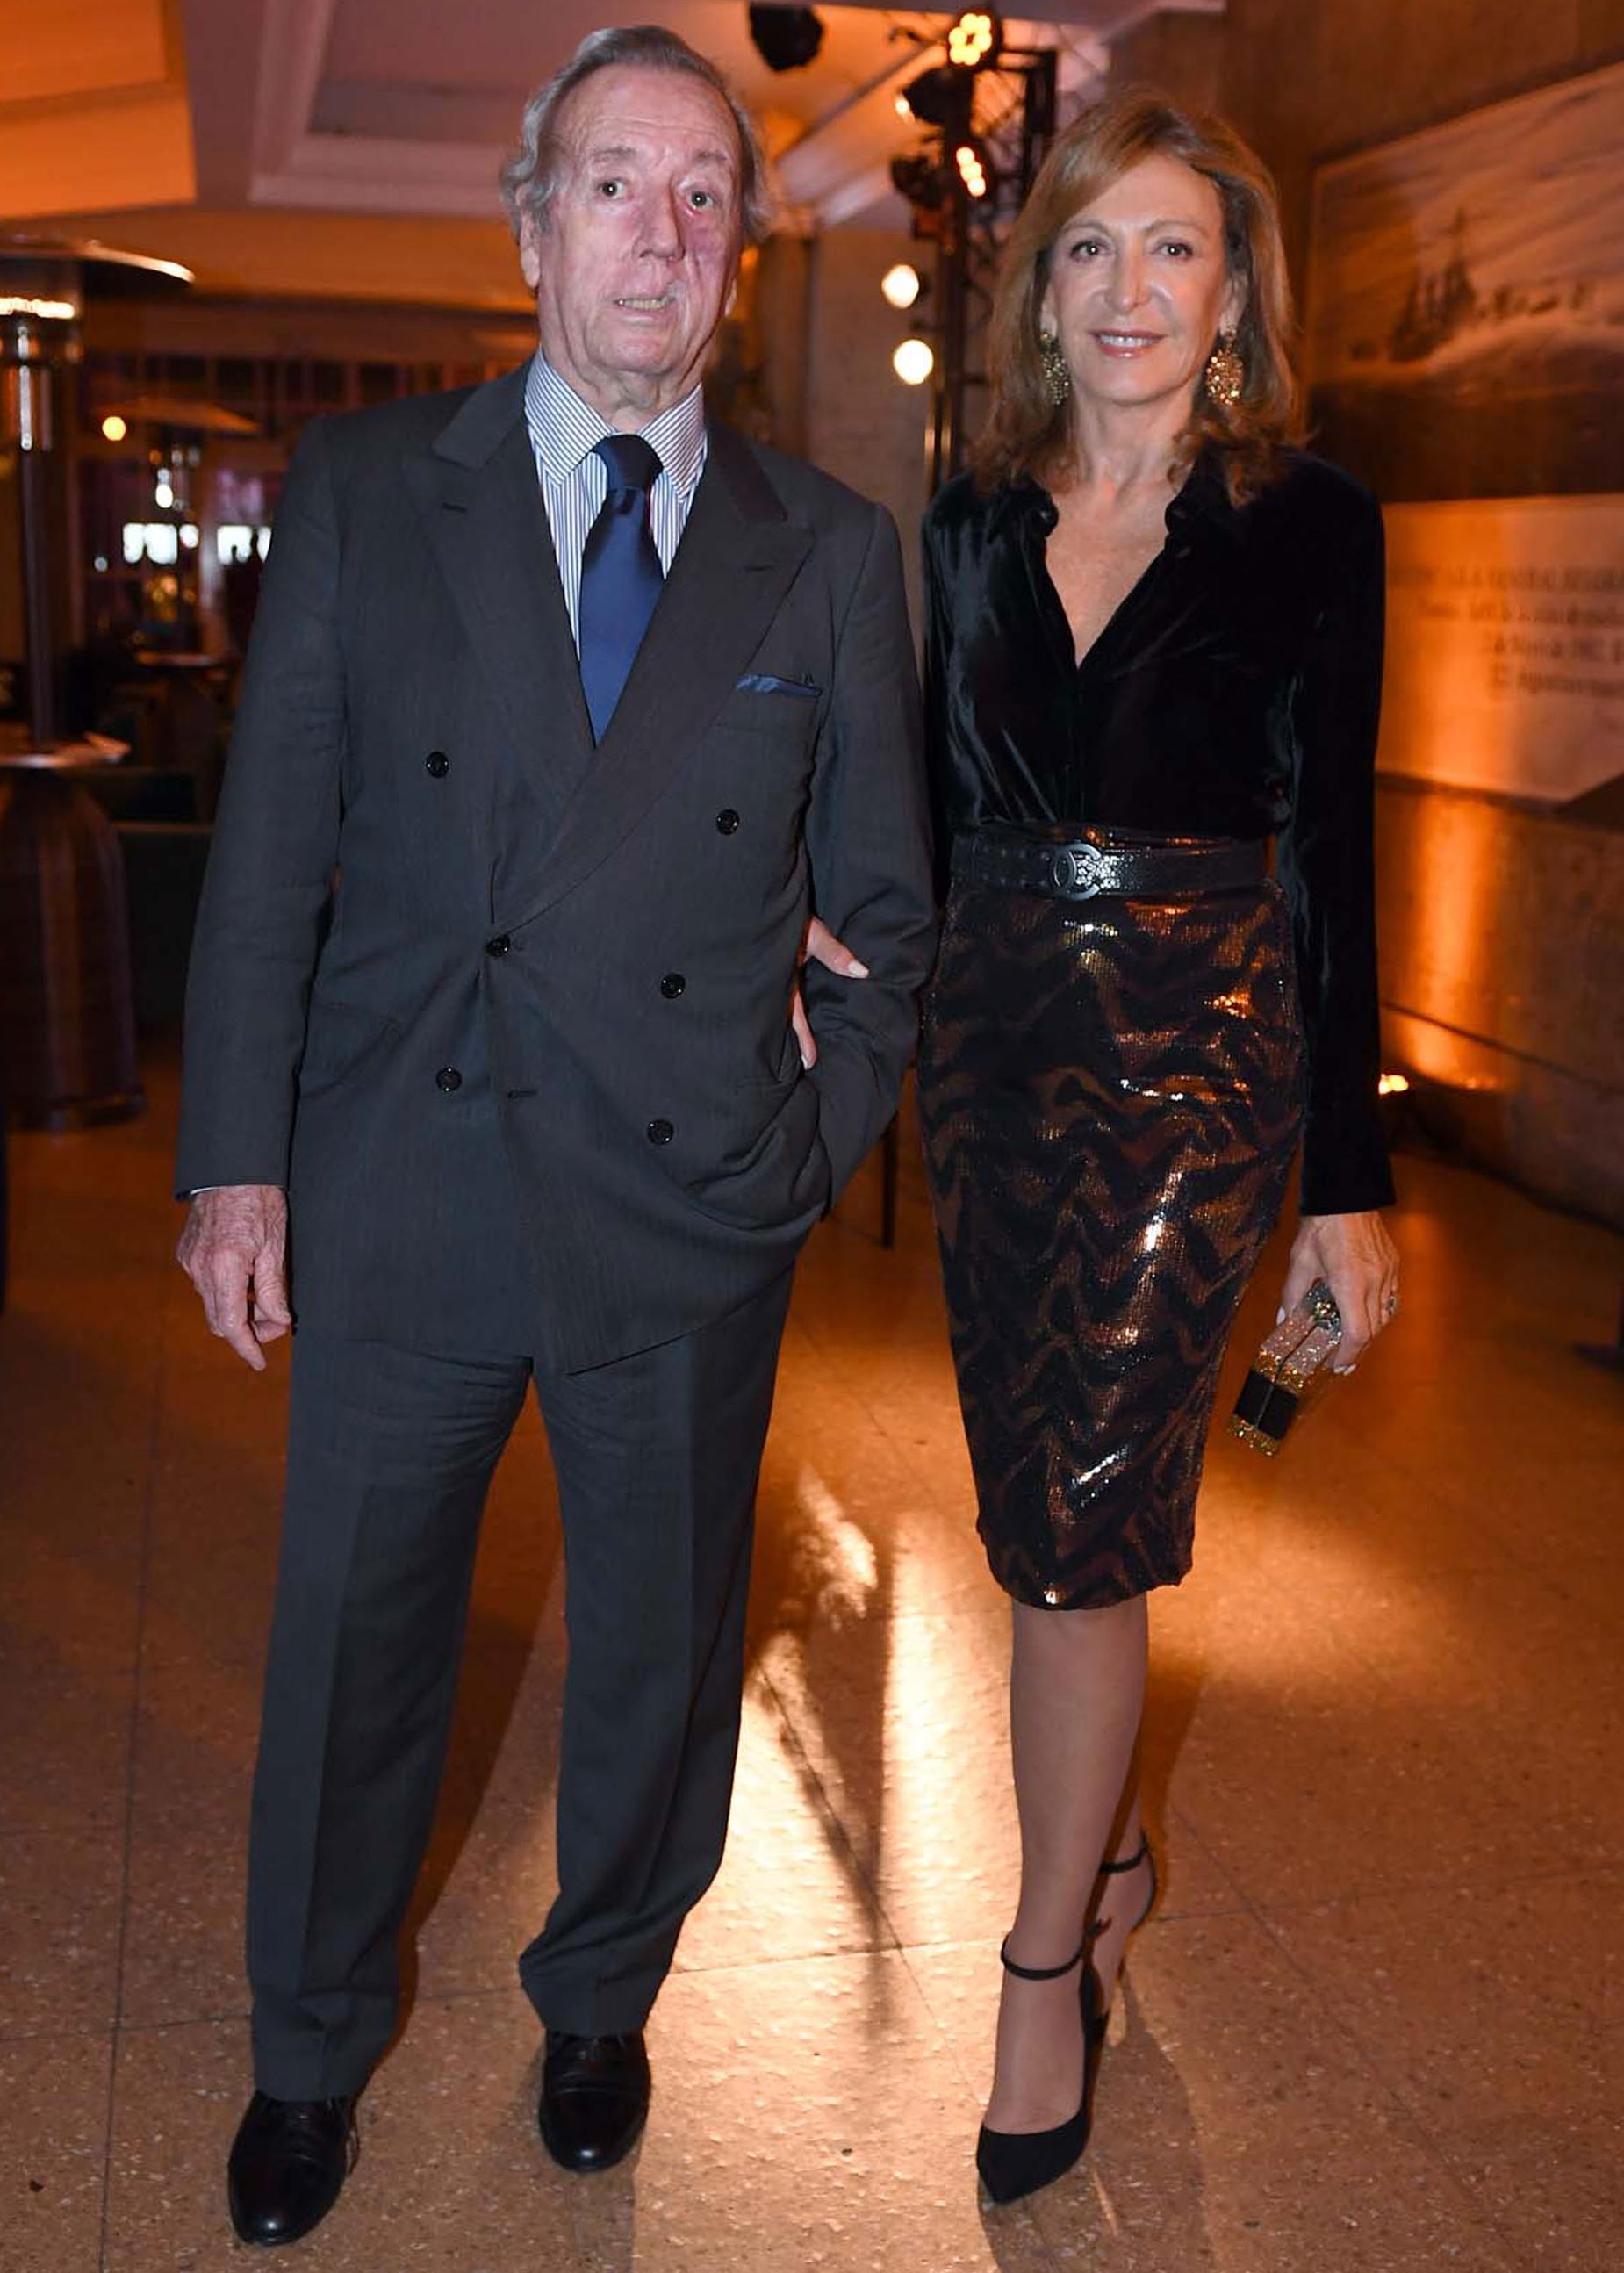 El ex presidente del Jockey Club, Bruno Quintana, y su mujer Mariel Llorens de Quintana